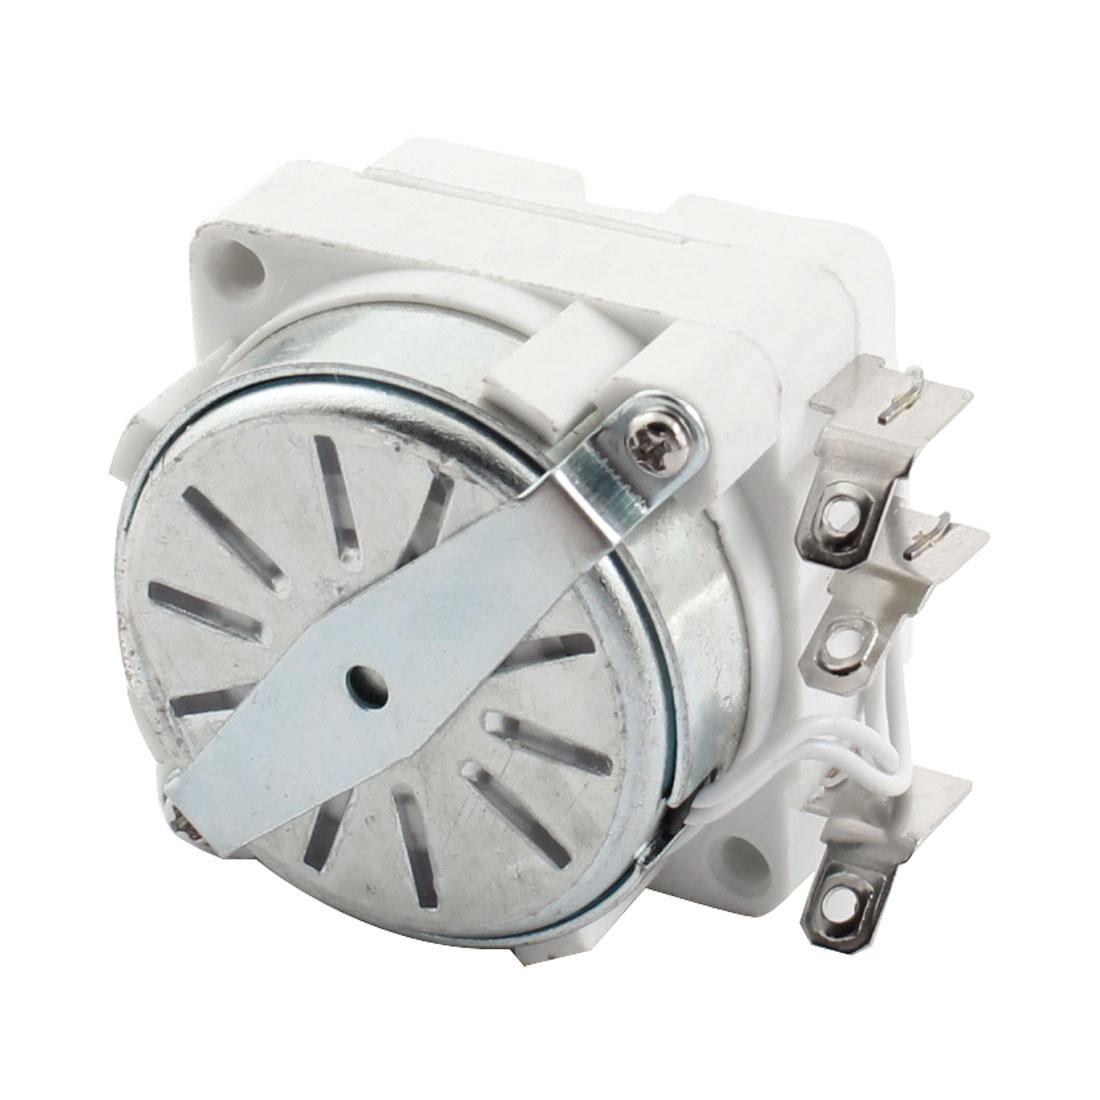 Pressure Cooker 60 Minutes Alarm Timer Repairing Part AC 250V 10A